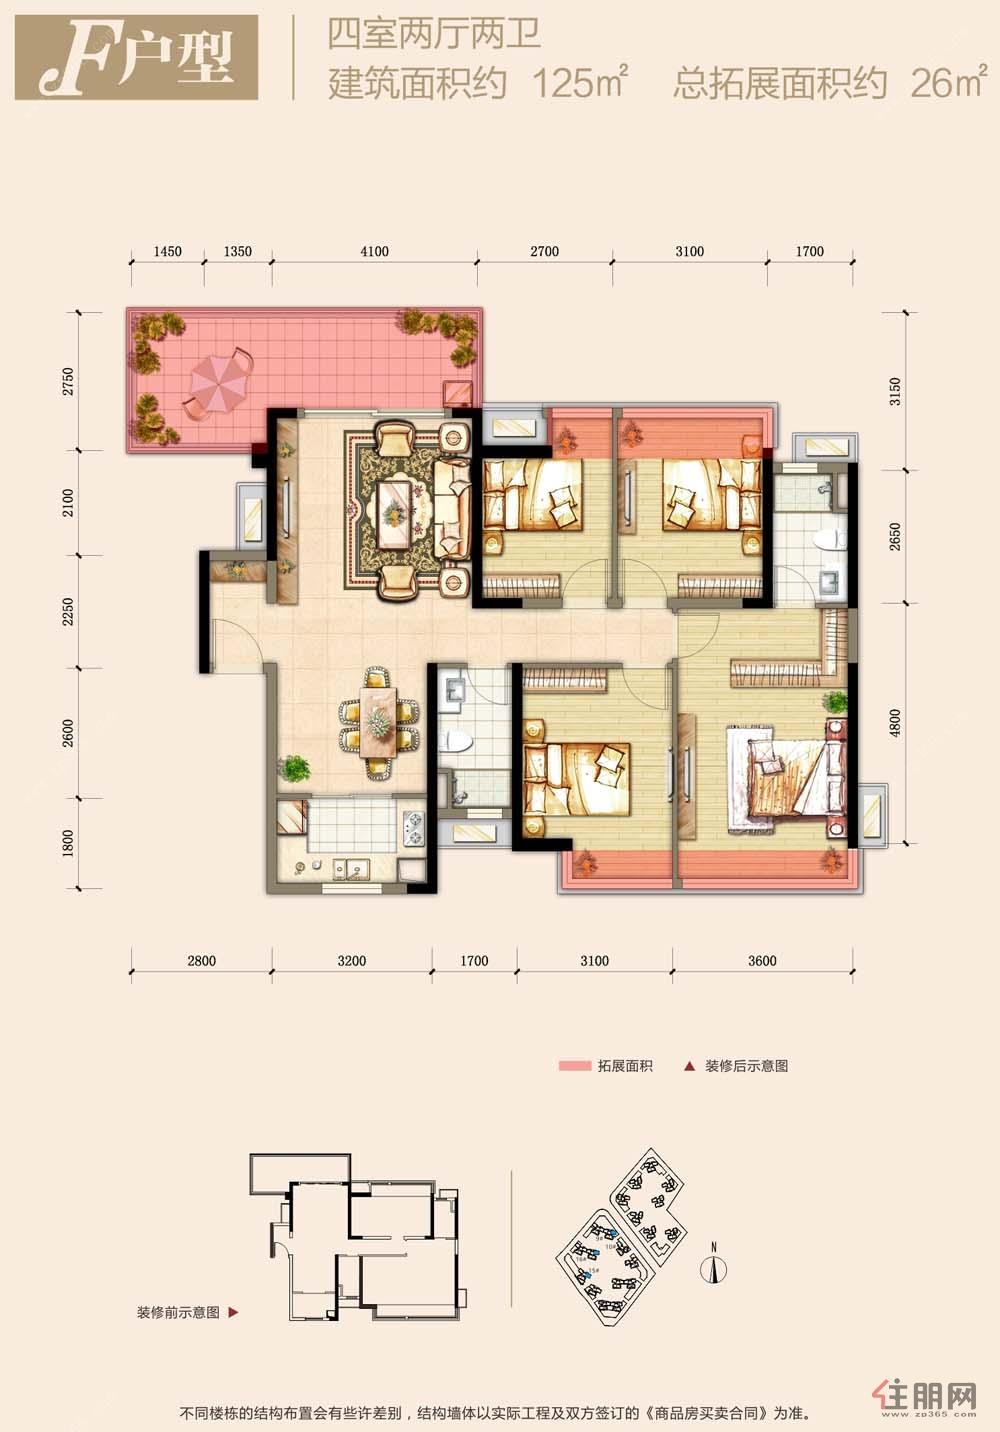 君华锦云二期F户型4室2厅2卫125.00�O